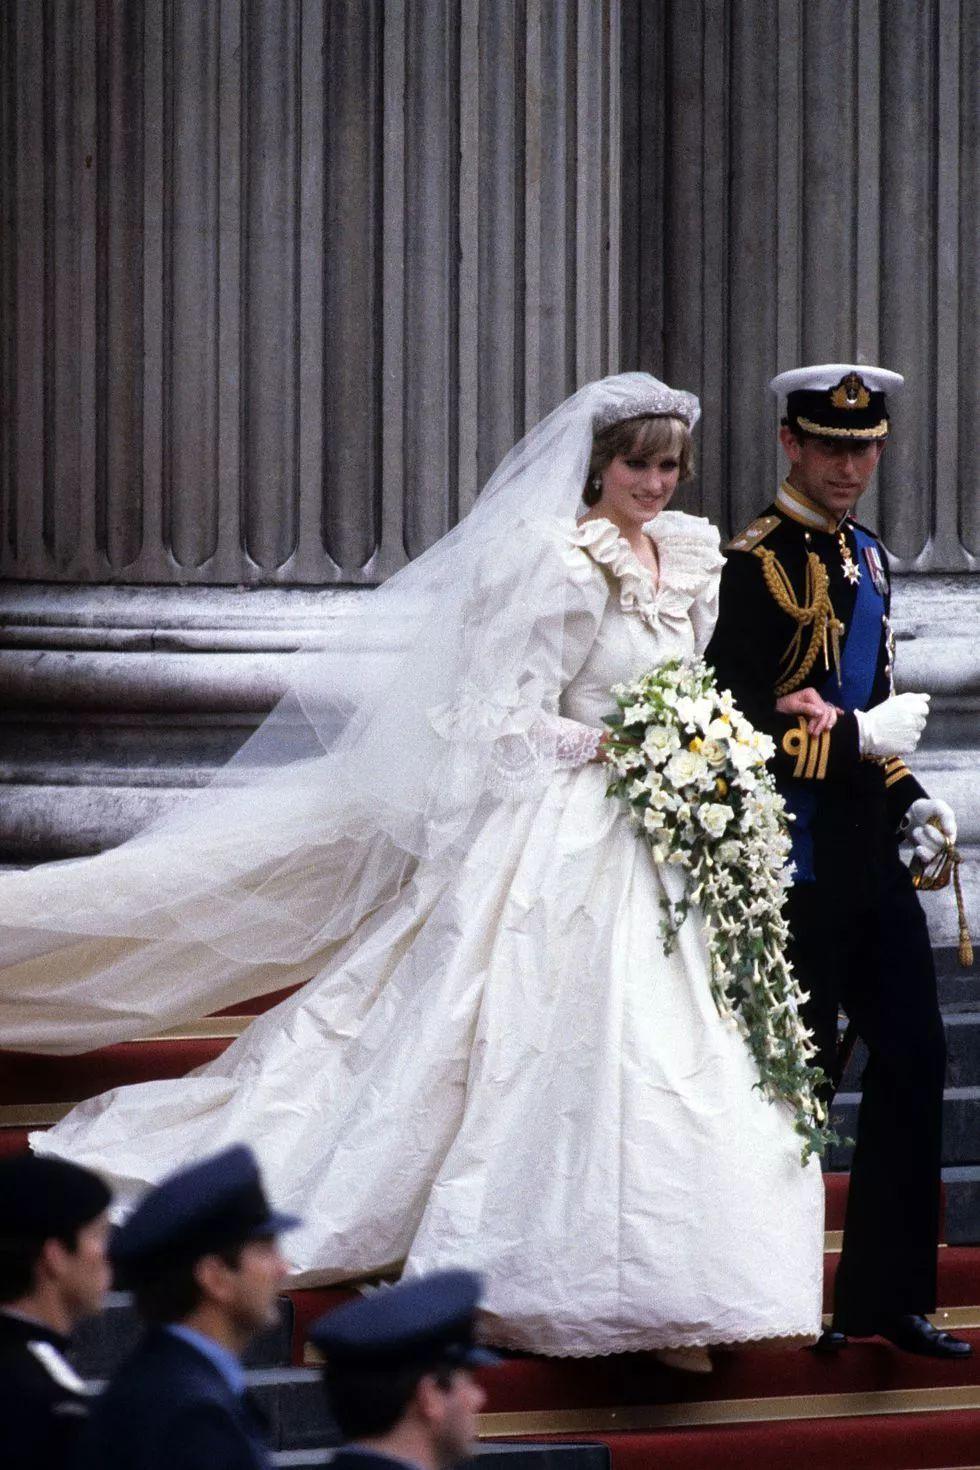 大婚将至,哈里王子却连礼服都还没选好?